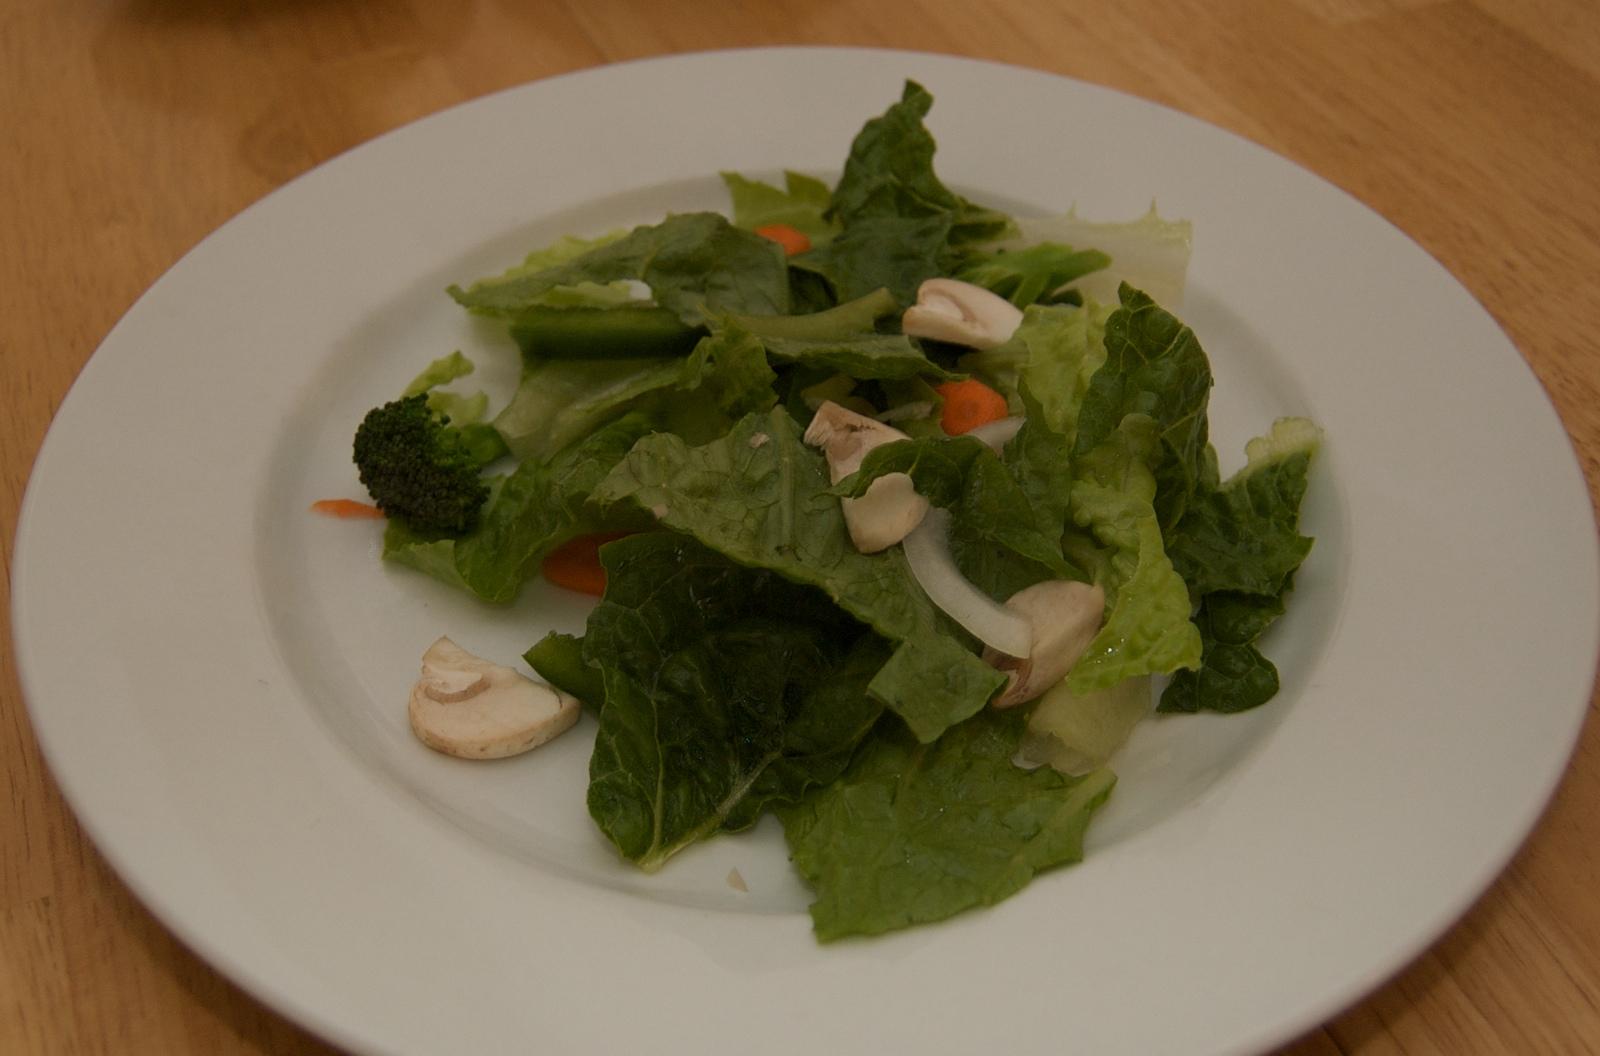 http://blog.rickk.com/food/2010/03/23/salad6.jpg